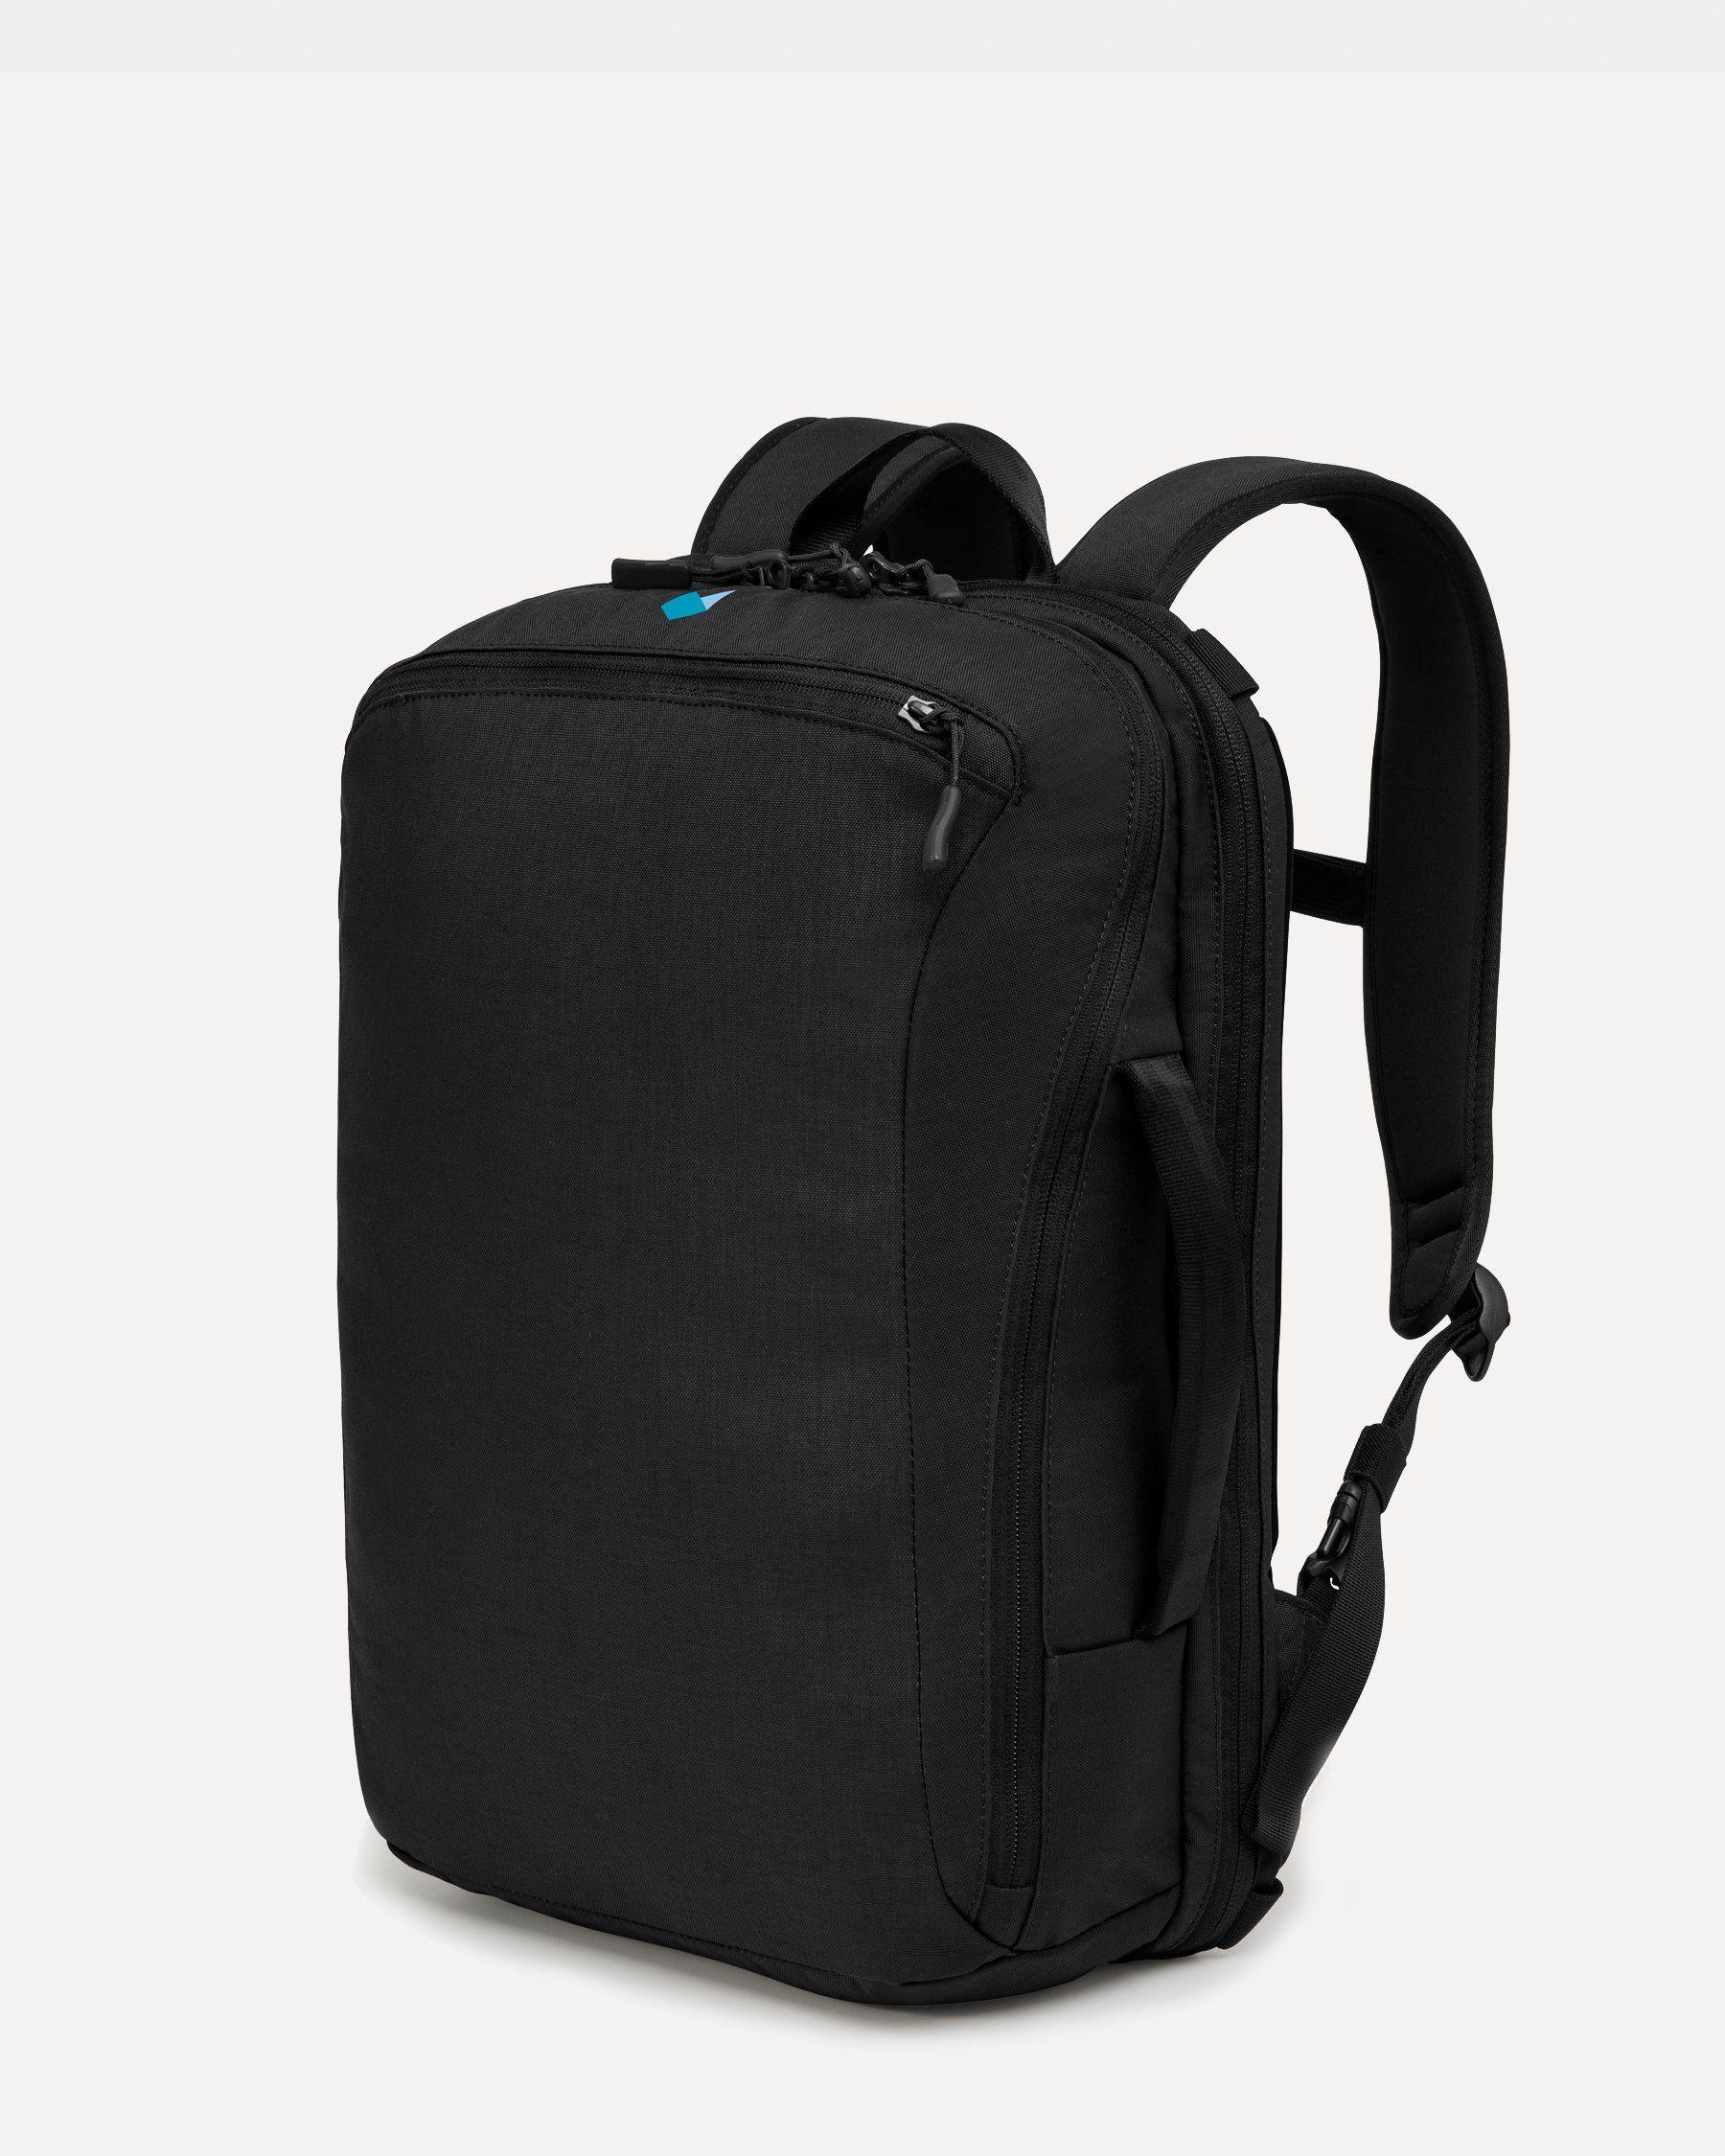 Daily Bag Aoraki Black [Pre order]